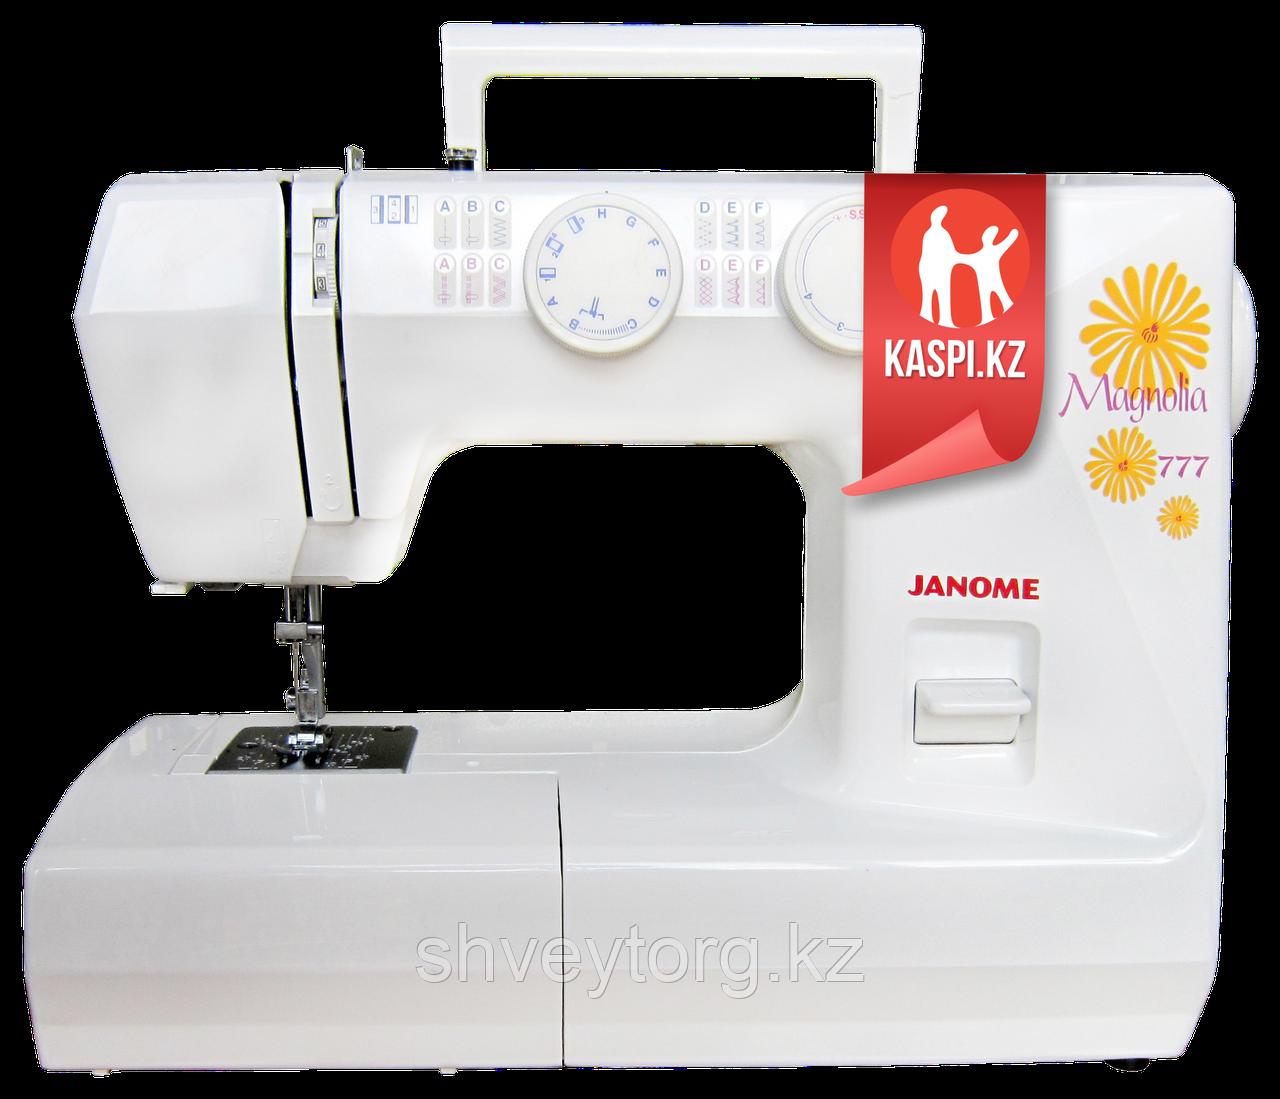 Бытовая швейная машинка Janome Magnolia 777